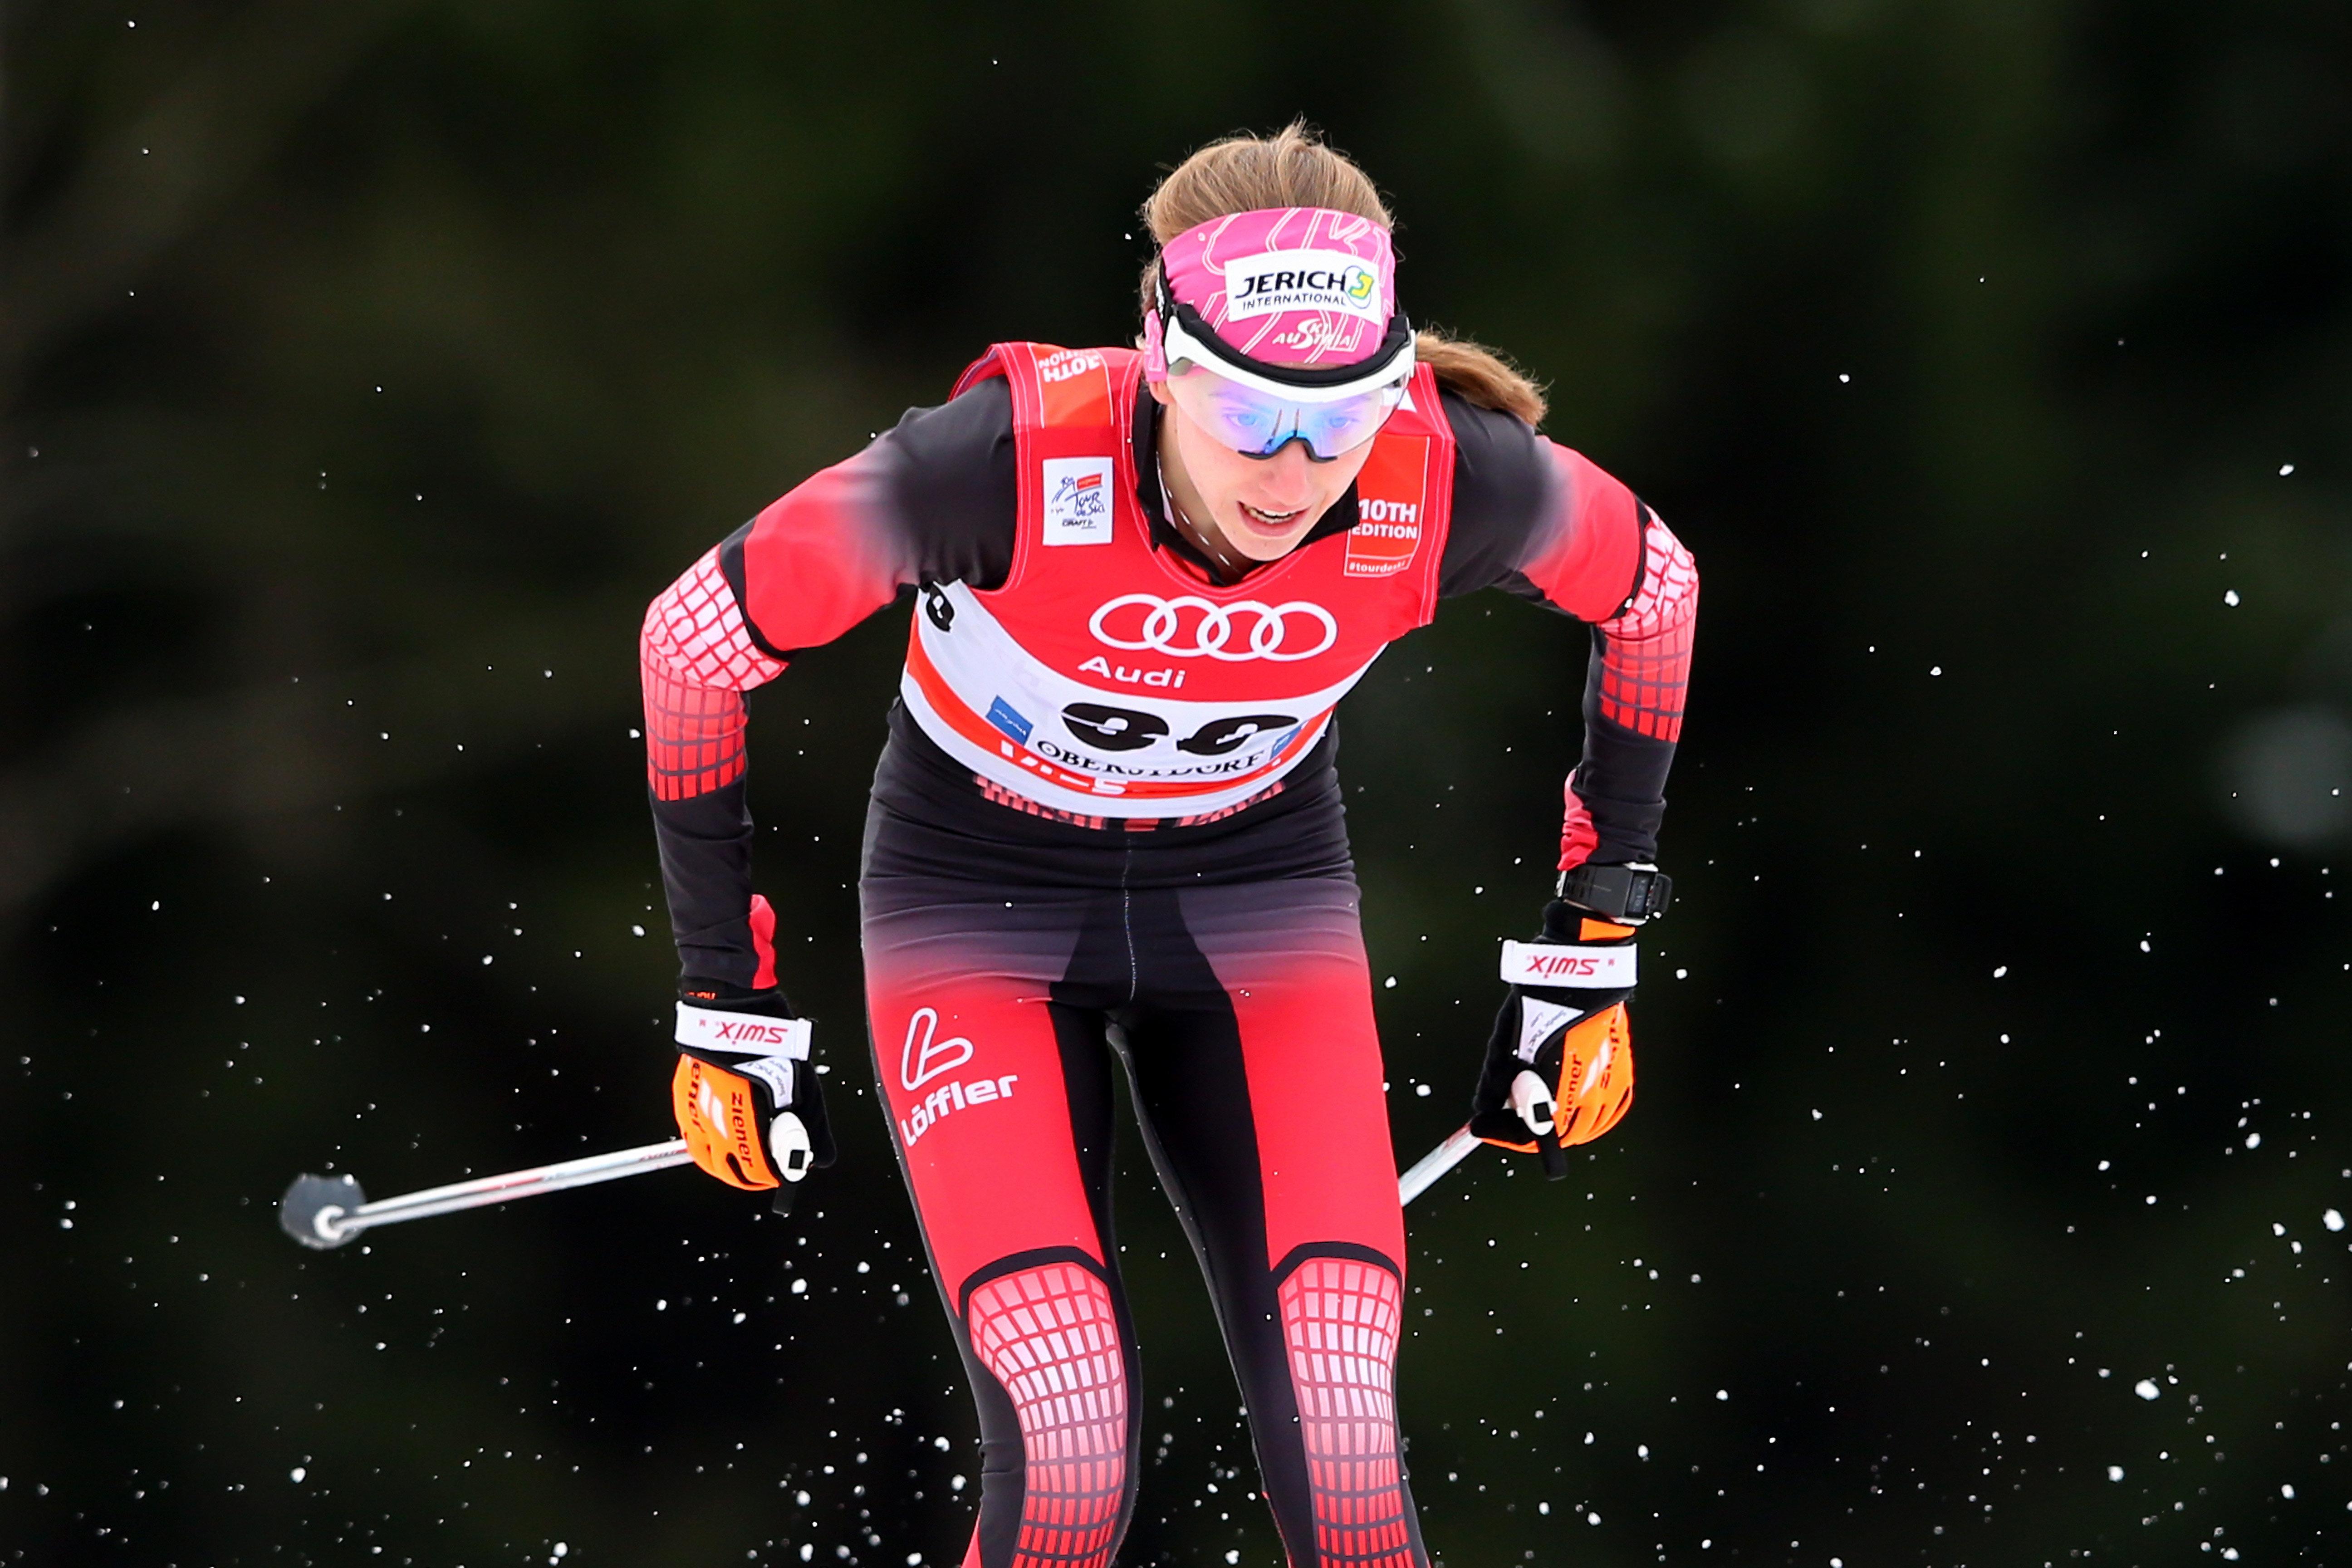 이 크로스컨트리 스키 선수가 메달을 놓친 황당한